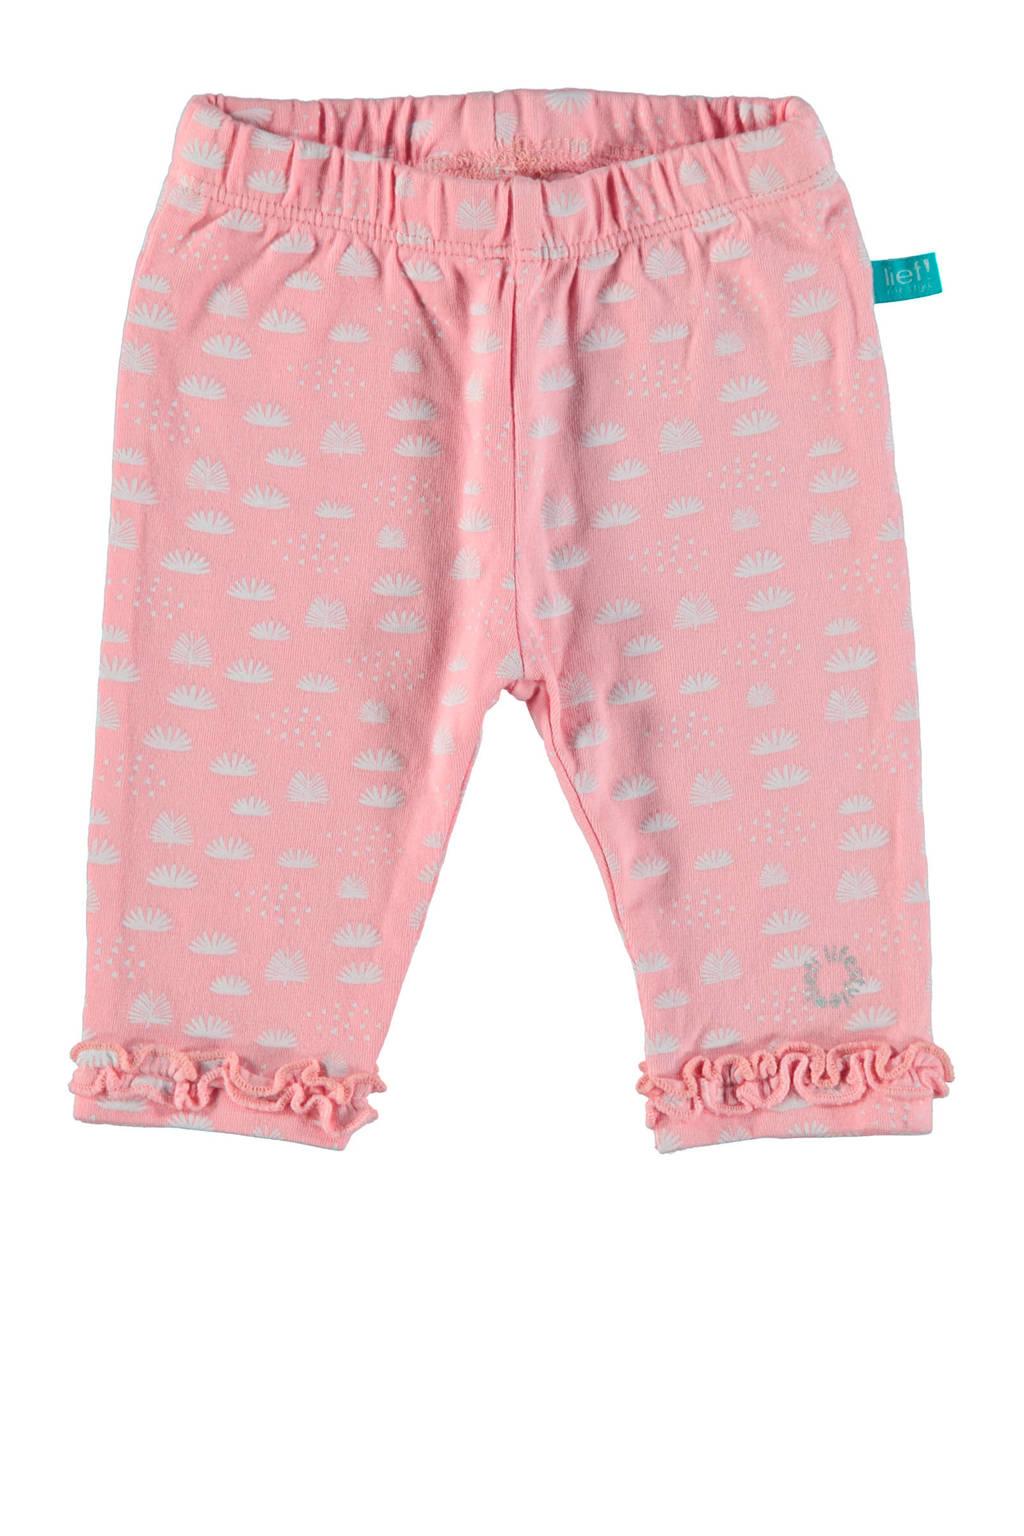 lief! baby legging met all over print roze, Roze